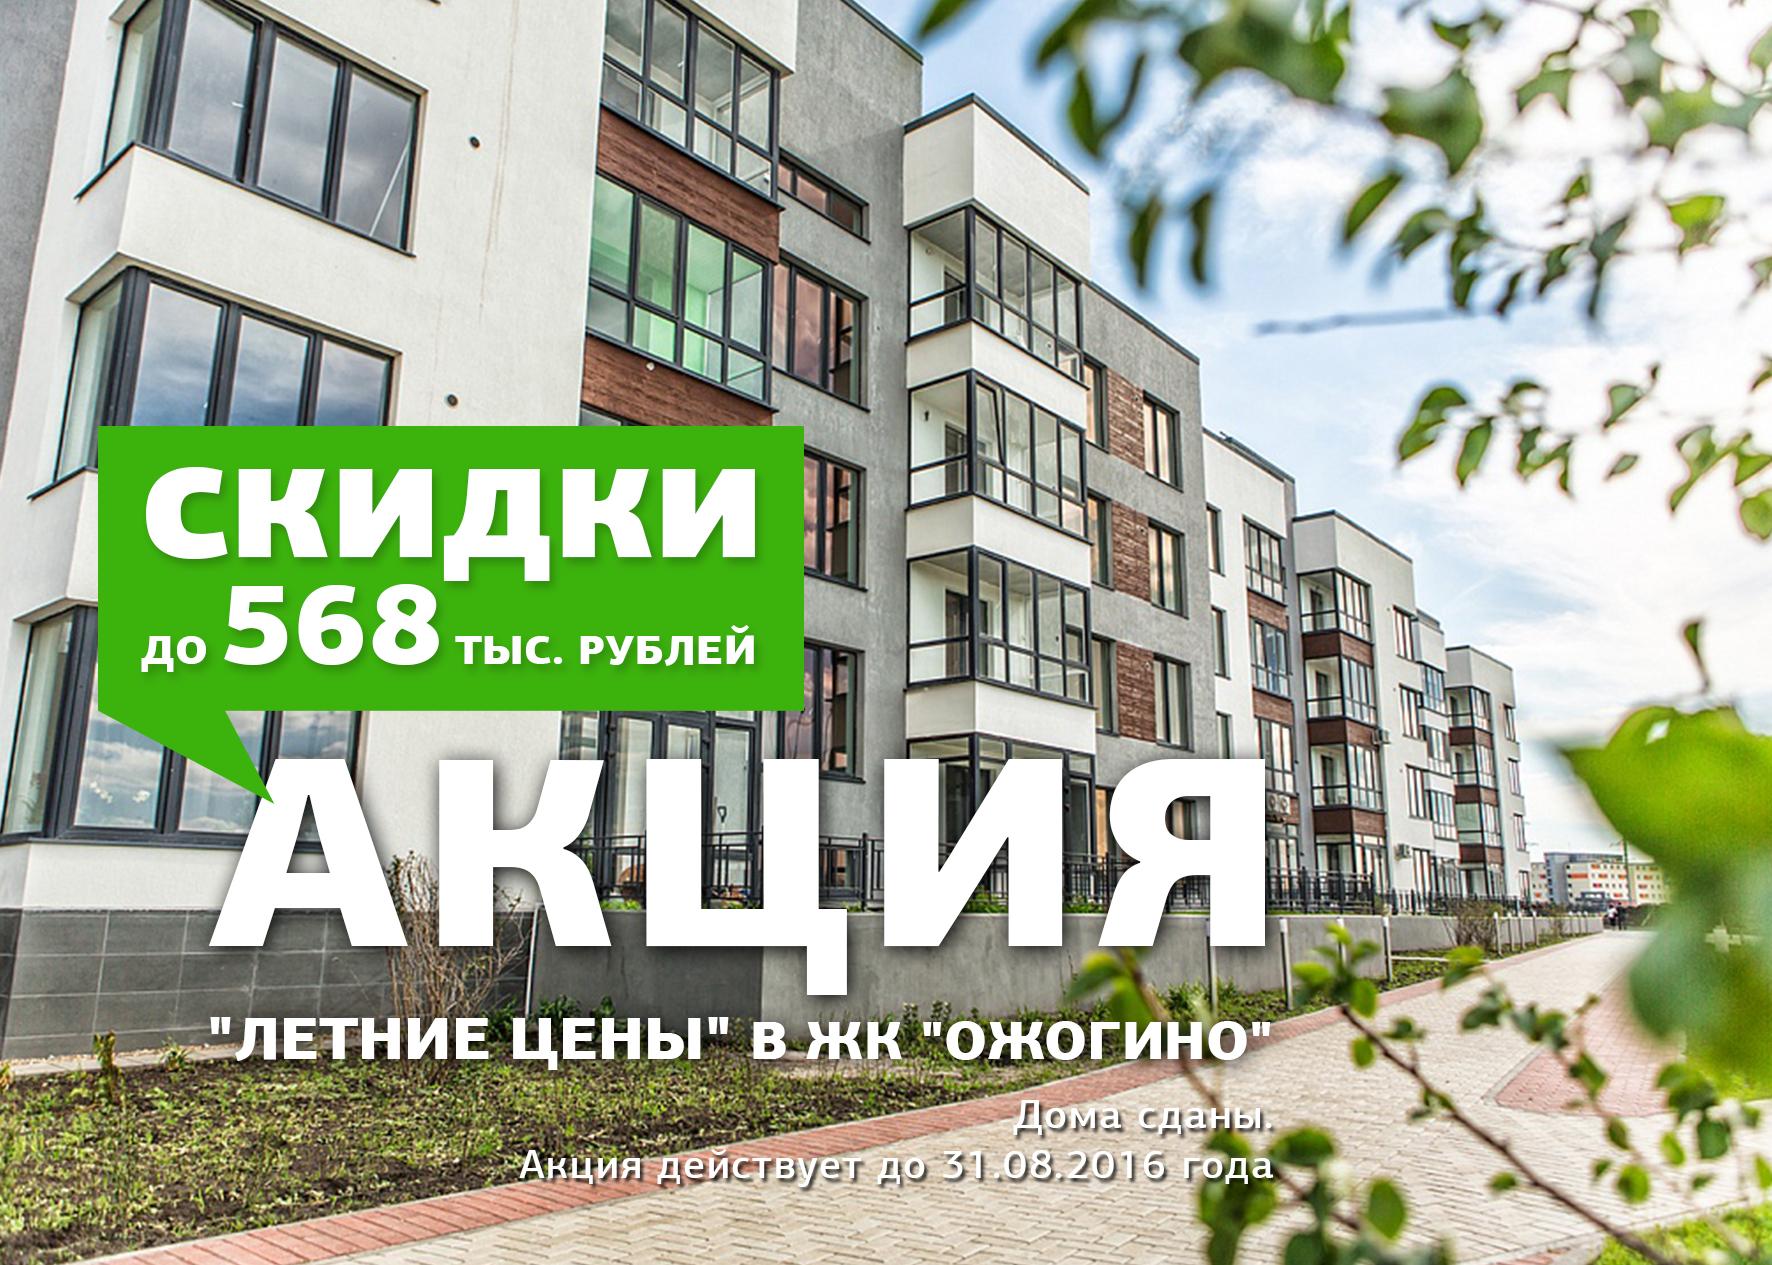 Готовые квартиры в экологичном ЖК «Ожогино» со скидкой до 568 тыс. рублей